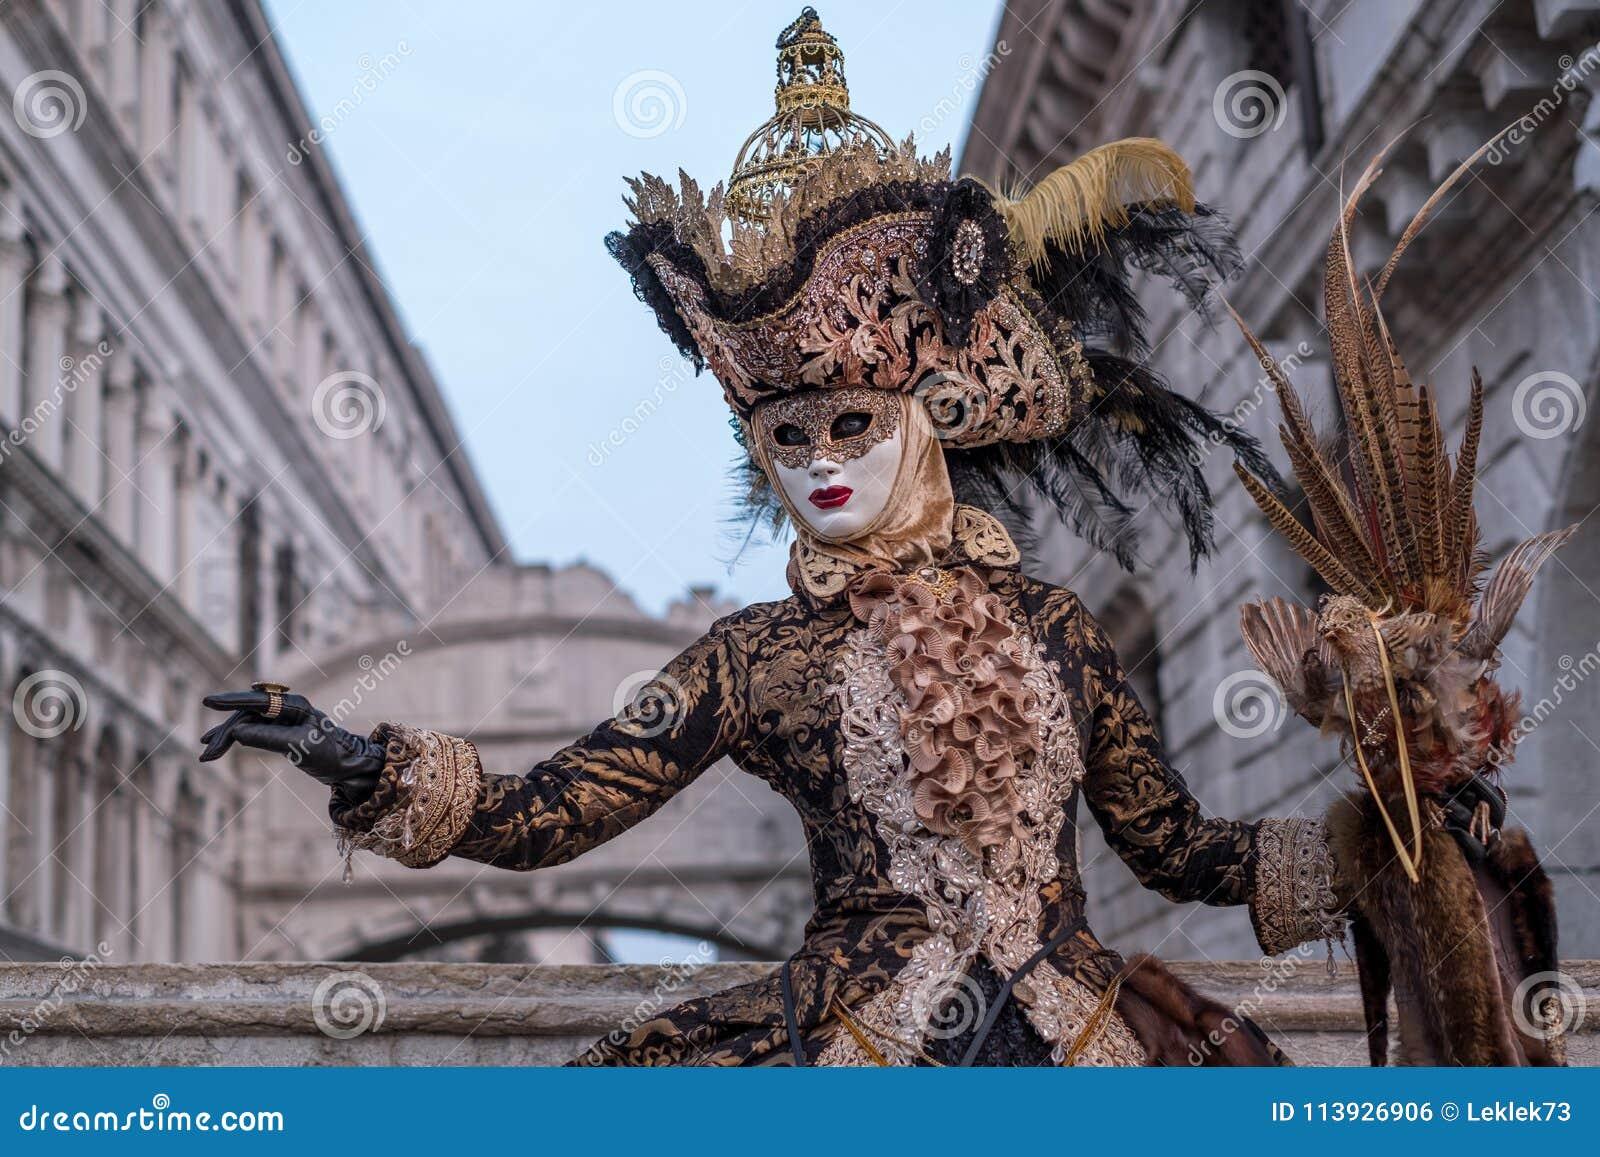 b5d88bcd2c812 Femme Dans Le Masque, Habillé Dans Le Noir Et Le Costume D'or, Cage ...